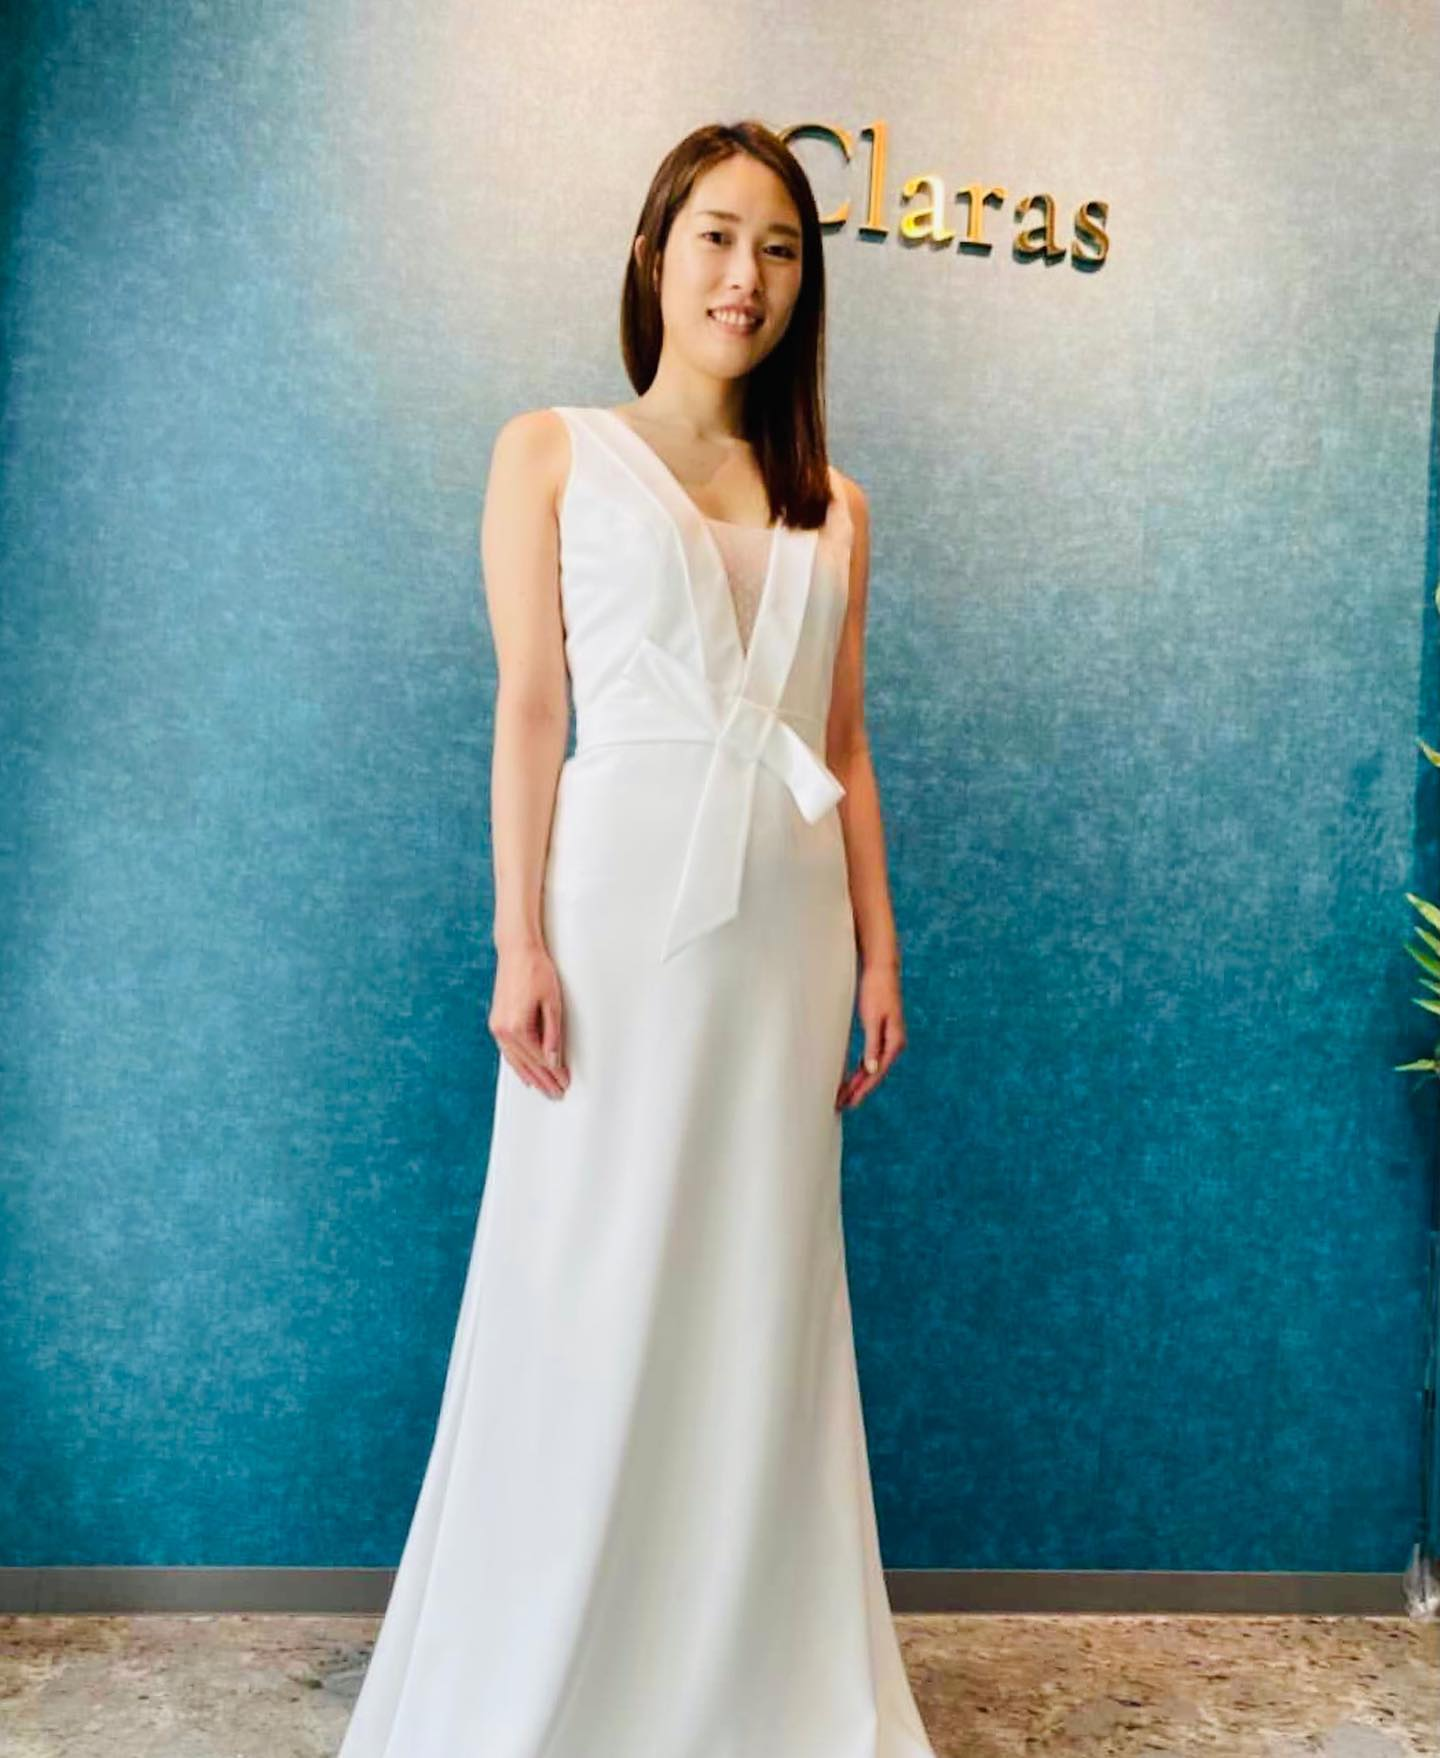 """🕊Ms Noblesse Japan東京ファイナリスト相澤さん🕊今年初めて行われるMs Noblesse Japanの東京大会ファイナリストの相澤さんが遊びに来てくださいました・女性らしく柔らかな印象の中に芯がしっかり通っている強さを持ち備える相澤さん・そんな相澤さんの美しさをさらにひき立たせるような凛としたモダンなドレスを着ていただきました♪・デザイン性の高いドレスも素敵に着こなしていただきました🤍東京大会頑張ってください@ma_na_03 @tokyo.noblesse ・🕊Clarasとは🕊時代とニーズに合ったウエディングドレス選びを・インポートドレスを適正価格でお届けするのがClarasレンタルでは叶わない繊細で上質な素材も、ジャストサイズだから再現できるデザイン美も販売だからこそ叶えていけるクオリティ🤍Parisに関連会社があるからこそ直輸入での適正価格・Clarasは1組ずつ貸切でご案内寛ぎながら本当にその方に合った1着へと導きます🤍自分だけのための1着を選びに来てください❣️結婚式やフォトなど迷ってる方でもまずはClarasへ🕊長年様々なウエディングに携わってきたClarasスタッフより、細かなカウンセリングを行い的確ななご提案をさせていただきますご予約はDMからでも承れます・New Normal Wedding Salon""""Claras""""https://claras.jp/・about """"Claras""""…(ラテン語で、明るい·輝く)As(明日· 未来, フランス語て最高、一番) ・明るく輝く明日(未来) に貢献したいという想いを込めています🕊Fashionの都Parisをはじめ、欧米から選りすぐりのドレスをこれから出逢う花嫁のために取揃えました・2021.3.7 (Sun)NEW OPEN・Dressから始まるWedding Story""""憧れていた Dress選びから始まる結婚準備があったっていい""""・さまざまな新しい「価値」を創造し発信していきますこれからの新しい Wedding の常識を""""Claras """"から🕊・New Normal Wedding Salon【Claras】〒107-0061 東京都港区北青山2-9-14SISTER Bldg 1F(101) 東京メトロ銀座線 外苑前駅3番出ロより徒歩2分Tel:03 6910 5163HP: https://claras.jp営業時間:平日 12:00-18:00 土日祝11:00-18:00(定休日:月・火)・#wedding #weddingdress #lclaras #paris #vowrenewal#ウェディングドレス #プレ花嫁 #ドレス試着 #ドレス迷子 #結婚式  #ドレス選び #前撮り #インポートドレス #フォトウェディング #ウェディングヘア  #フォト婚 #低身長花嫁 #ブライダルフォト #結婚式のチカラ2021 #ウェディングドレス試着 #セルドレス #ドレスショップ #家族婚 #バウリニューアル #記念日婚 #婚約しました #プレ花嫁東京 #ハナユメ #サステナブル #sdgs"""